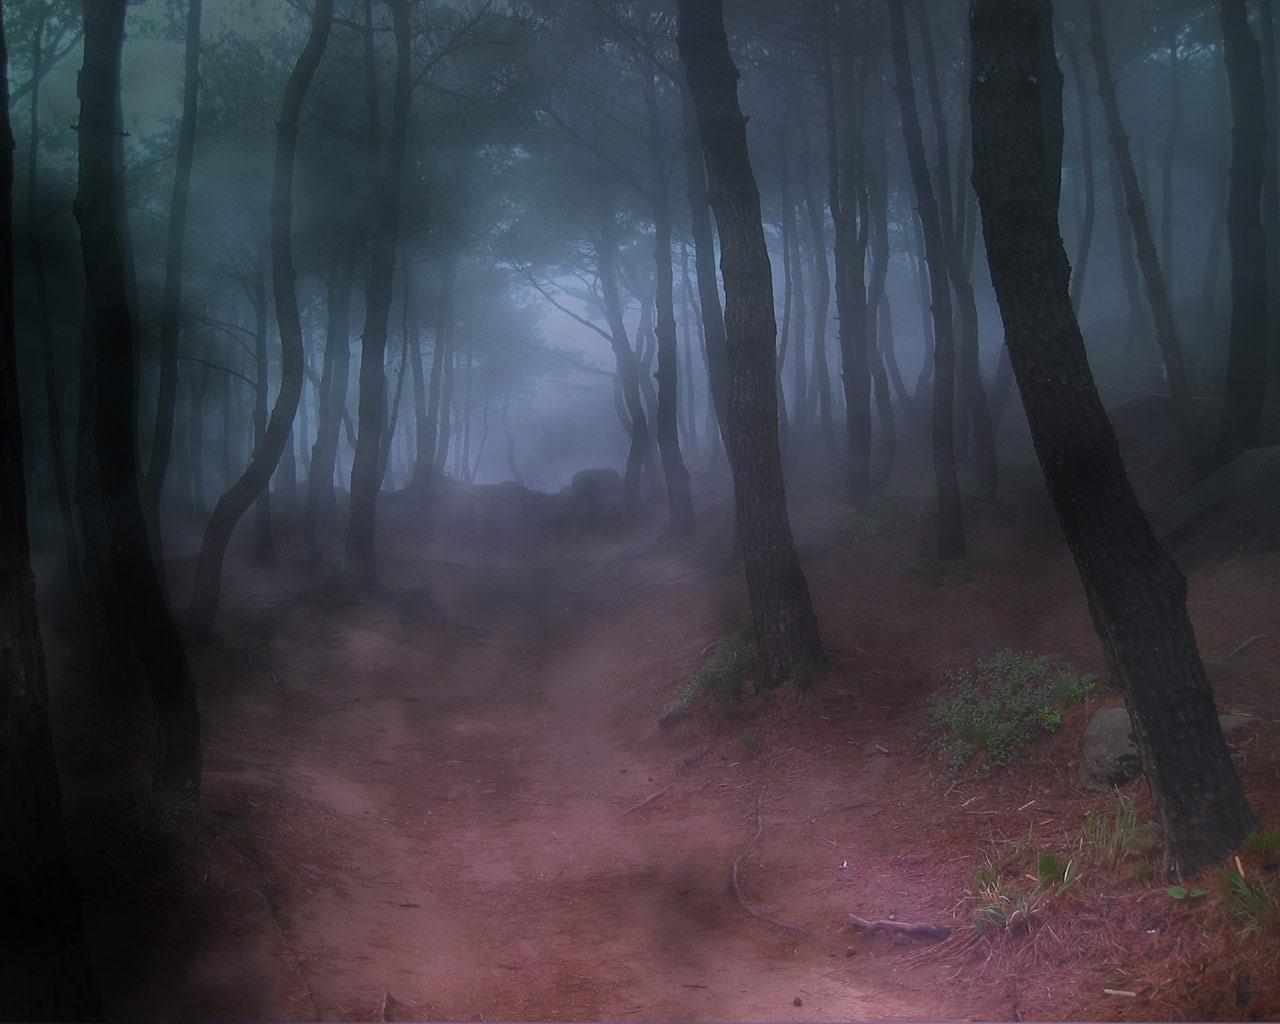 Forest Fog Best Desktop Backgrounds